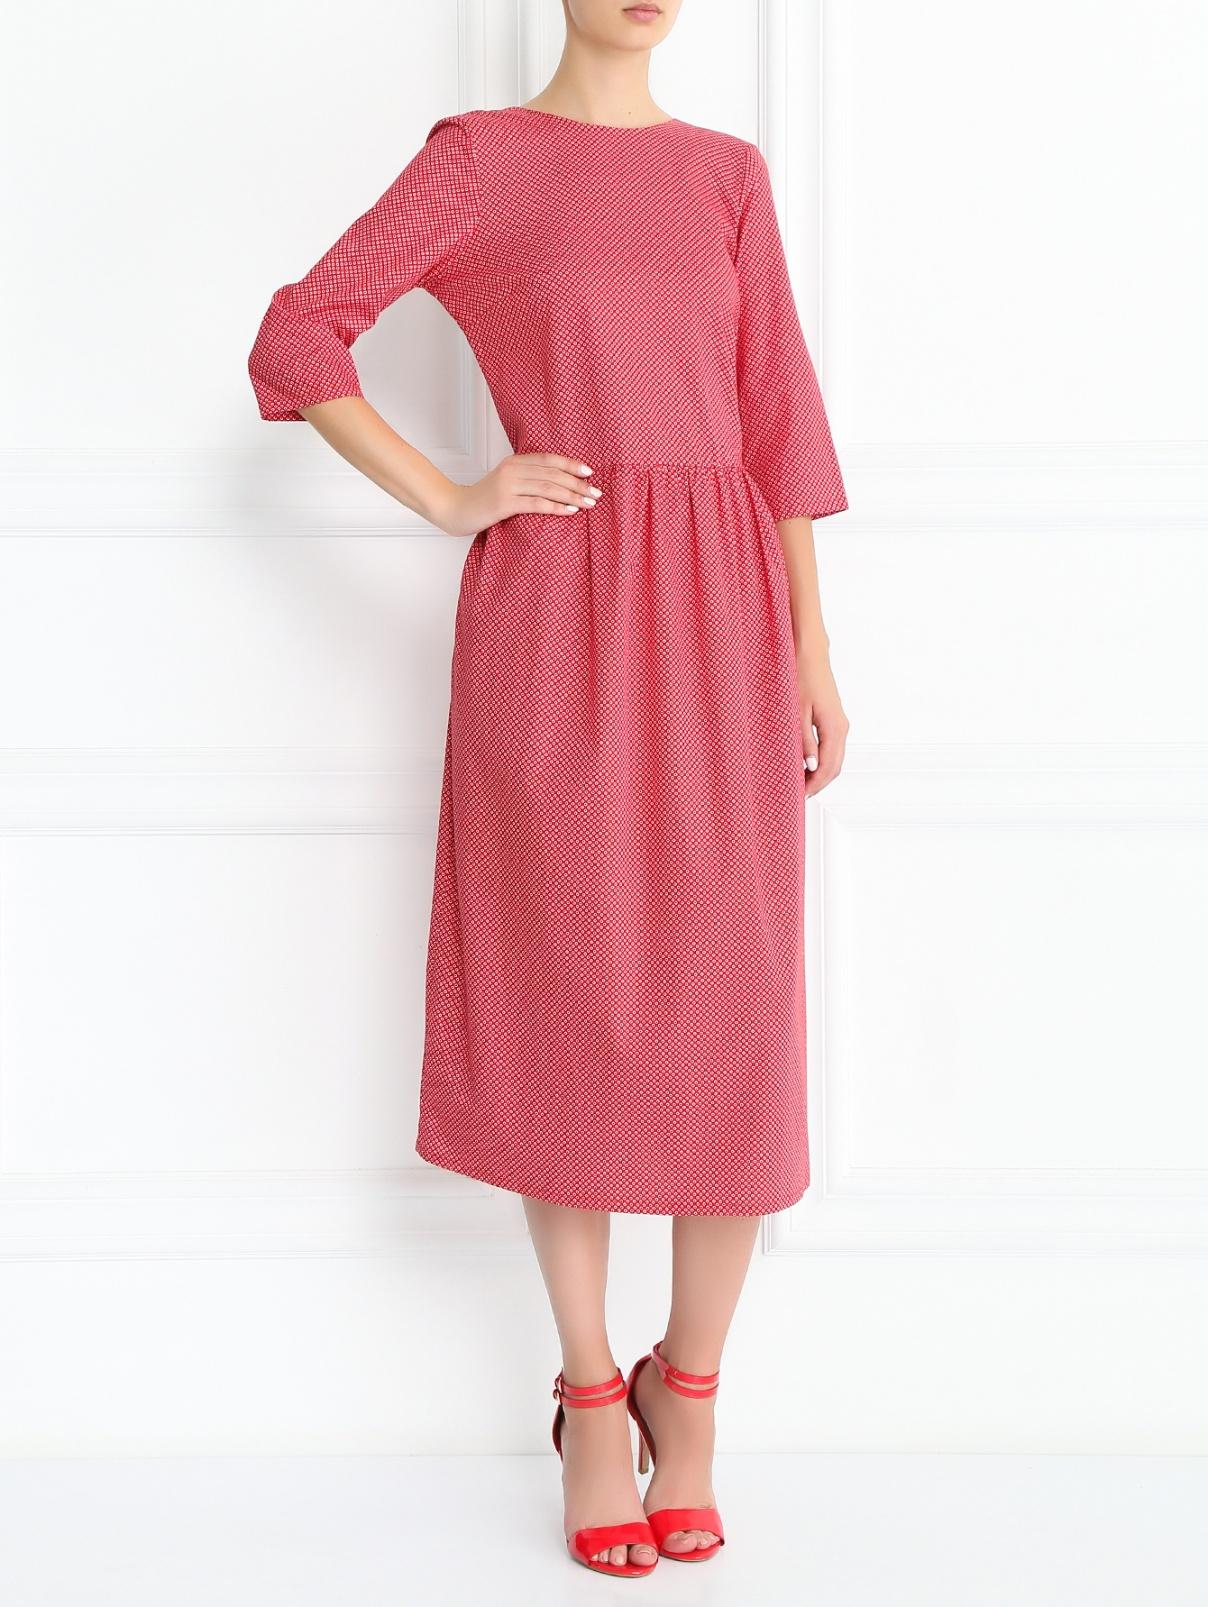 Платье-миди из хлопка с узором Petit Jete  –  Модель Общий вид